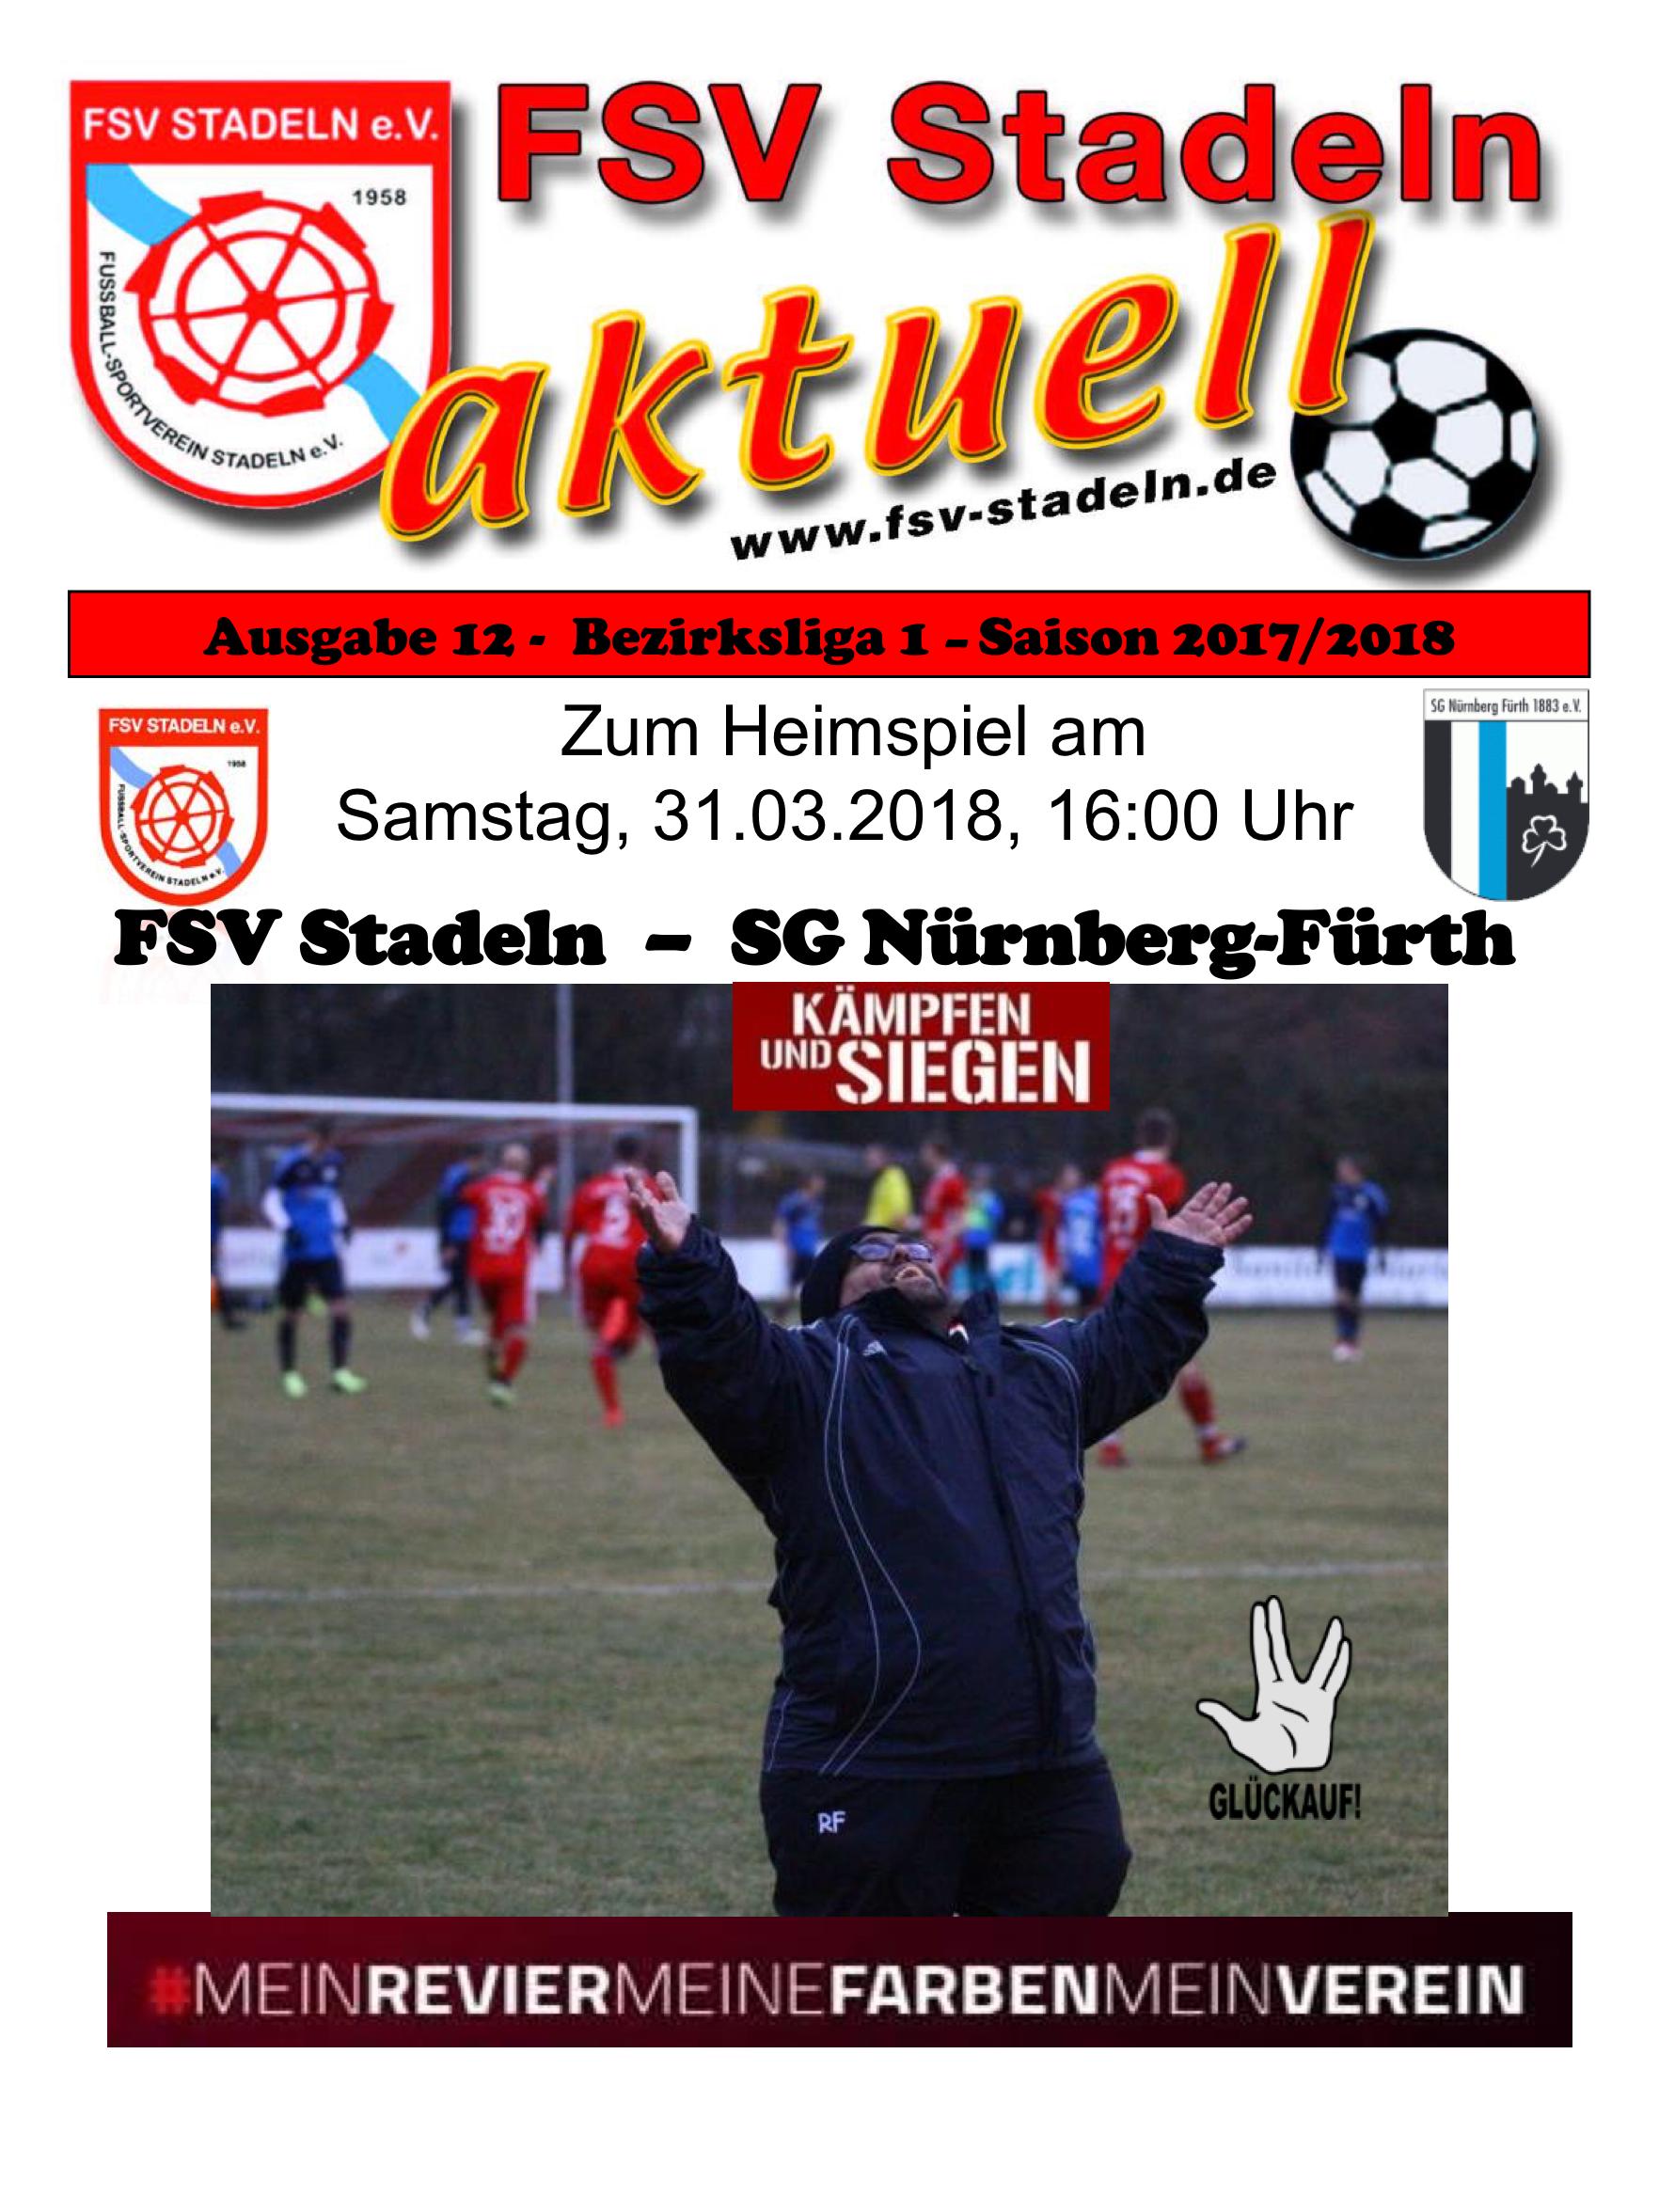 Stadionheft 12 zum Heimspiel des FSV Stadeln gegen SG Nürnberg-Fürth ...